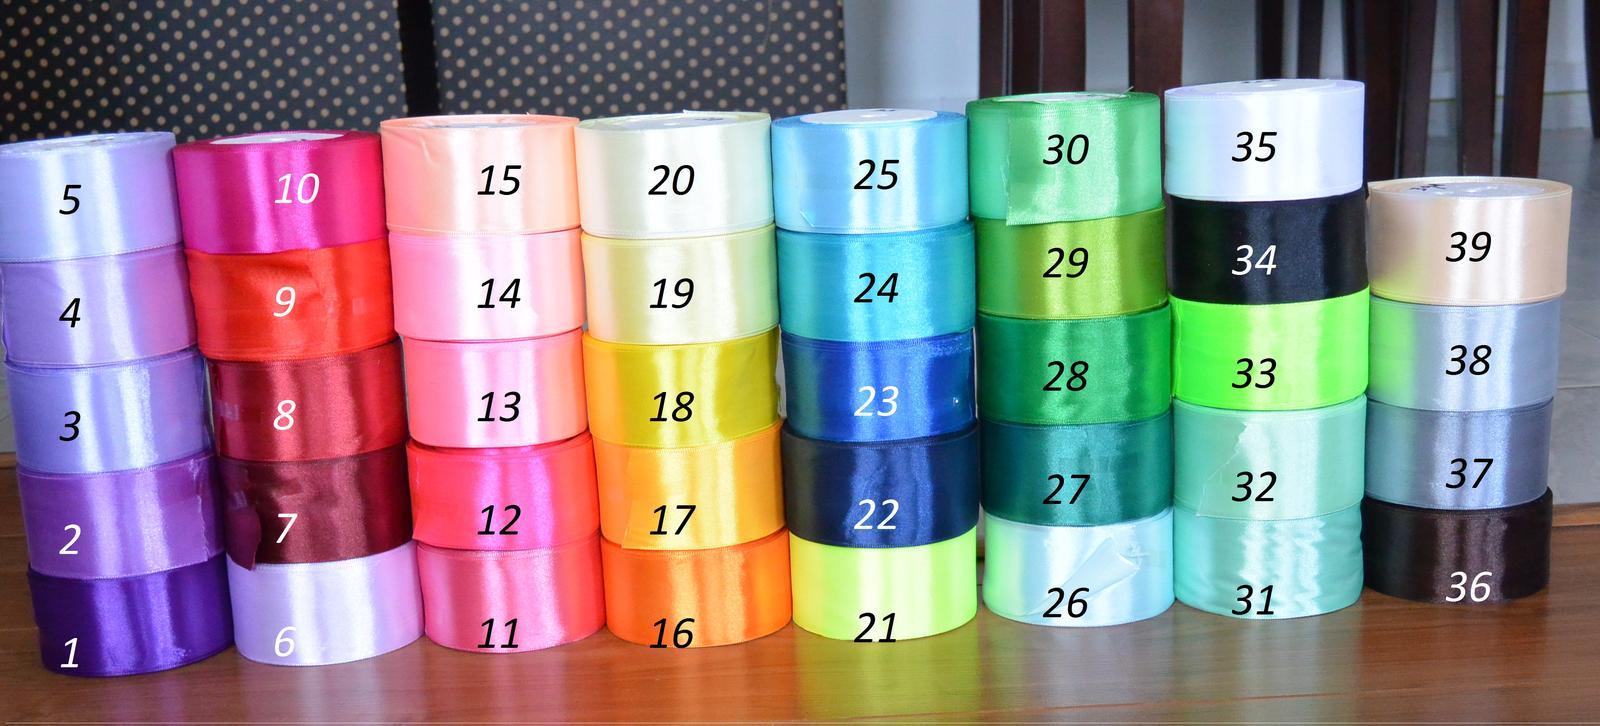 Podvazky- ušiji ve všech barvách! - Stuhy na kytky...39 barev na přání. :)